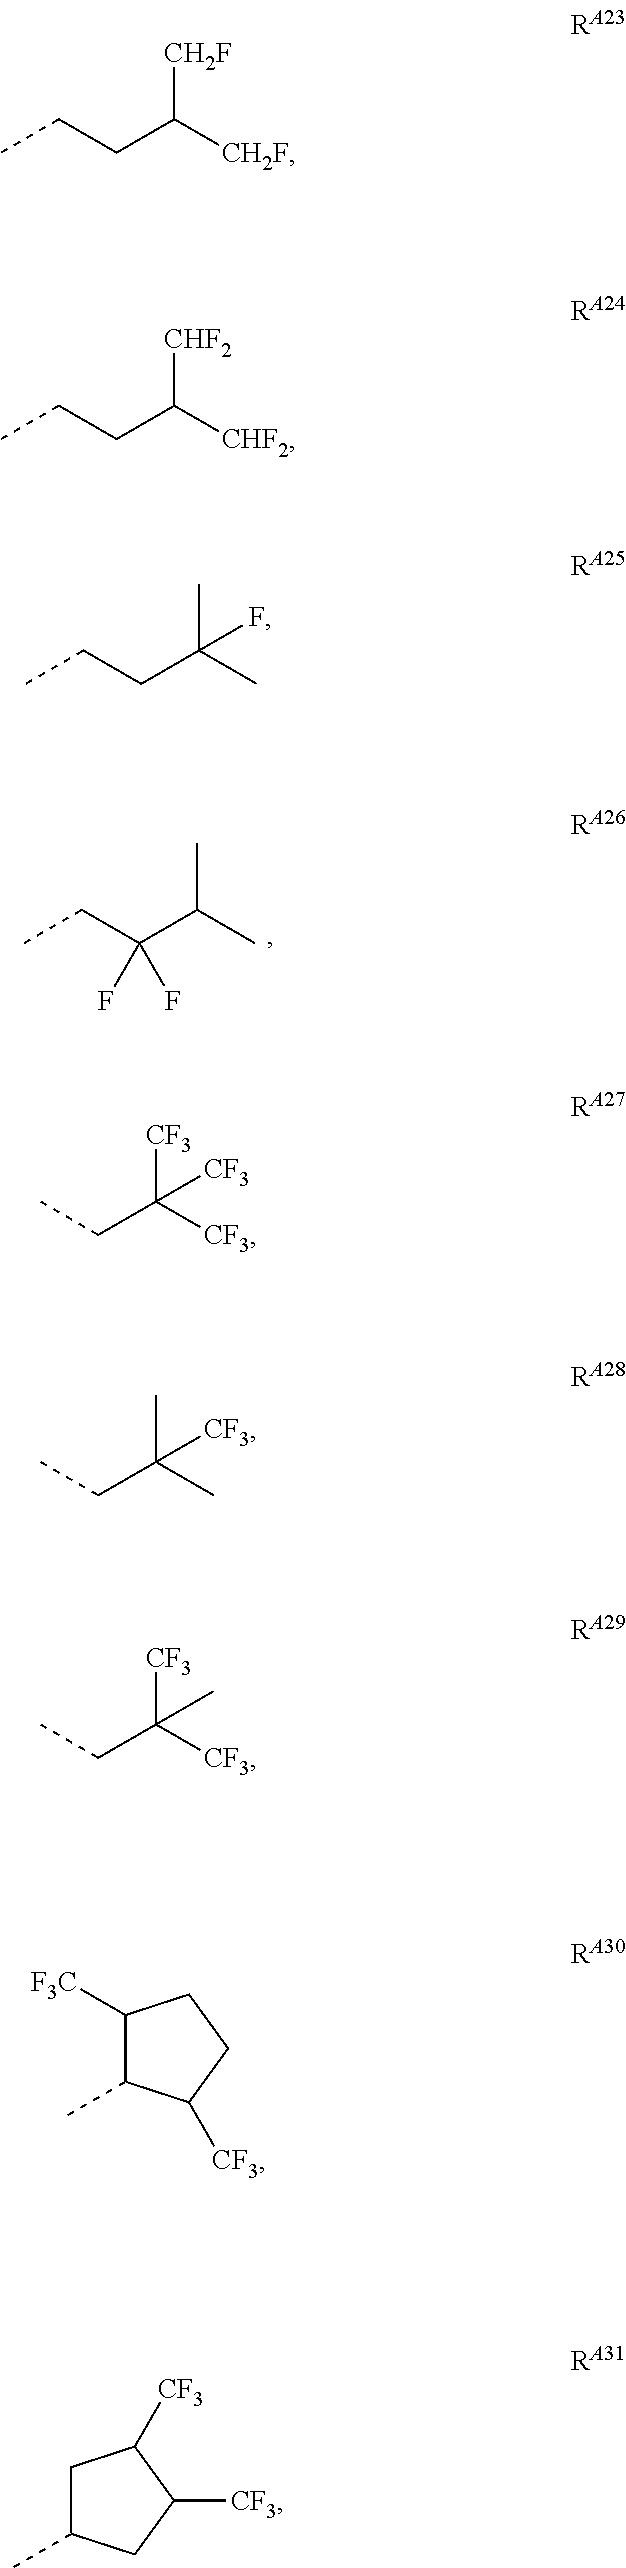 Figure US09859510-20180102-C00138